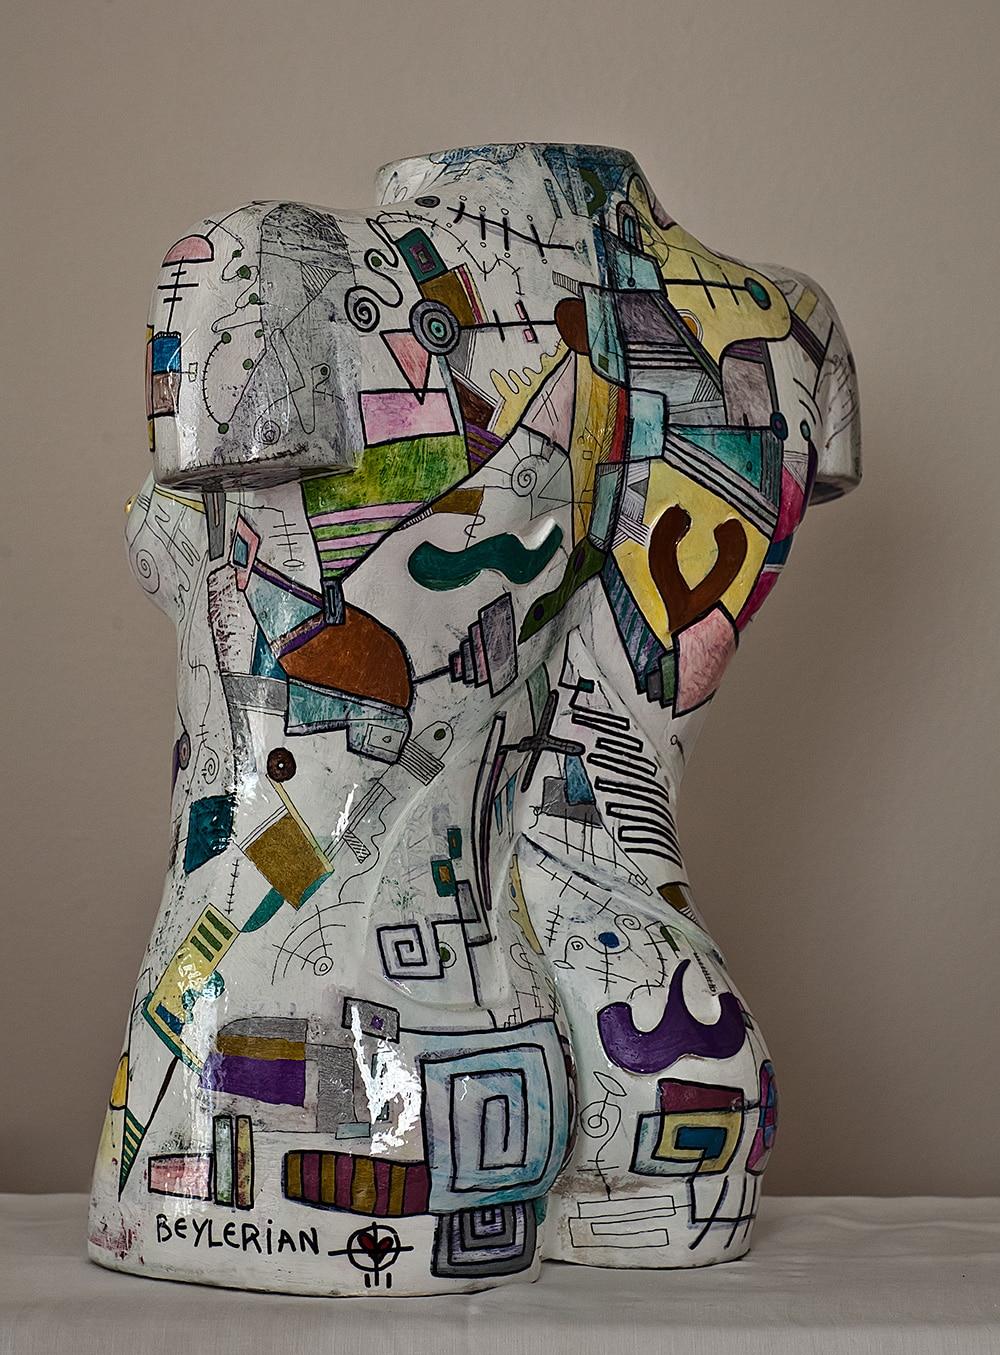 torso sculpture by beylerian